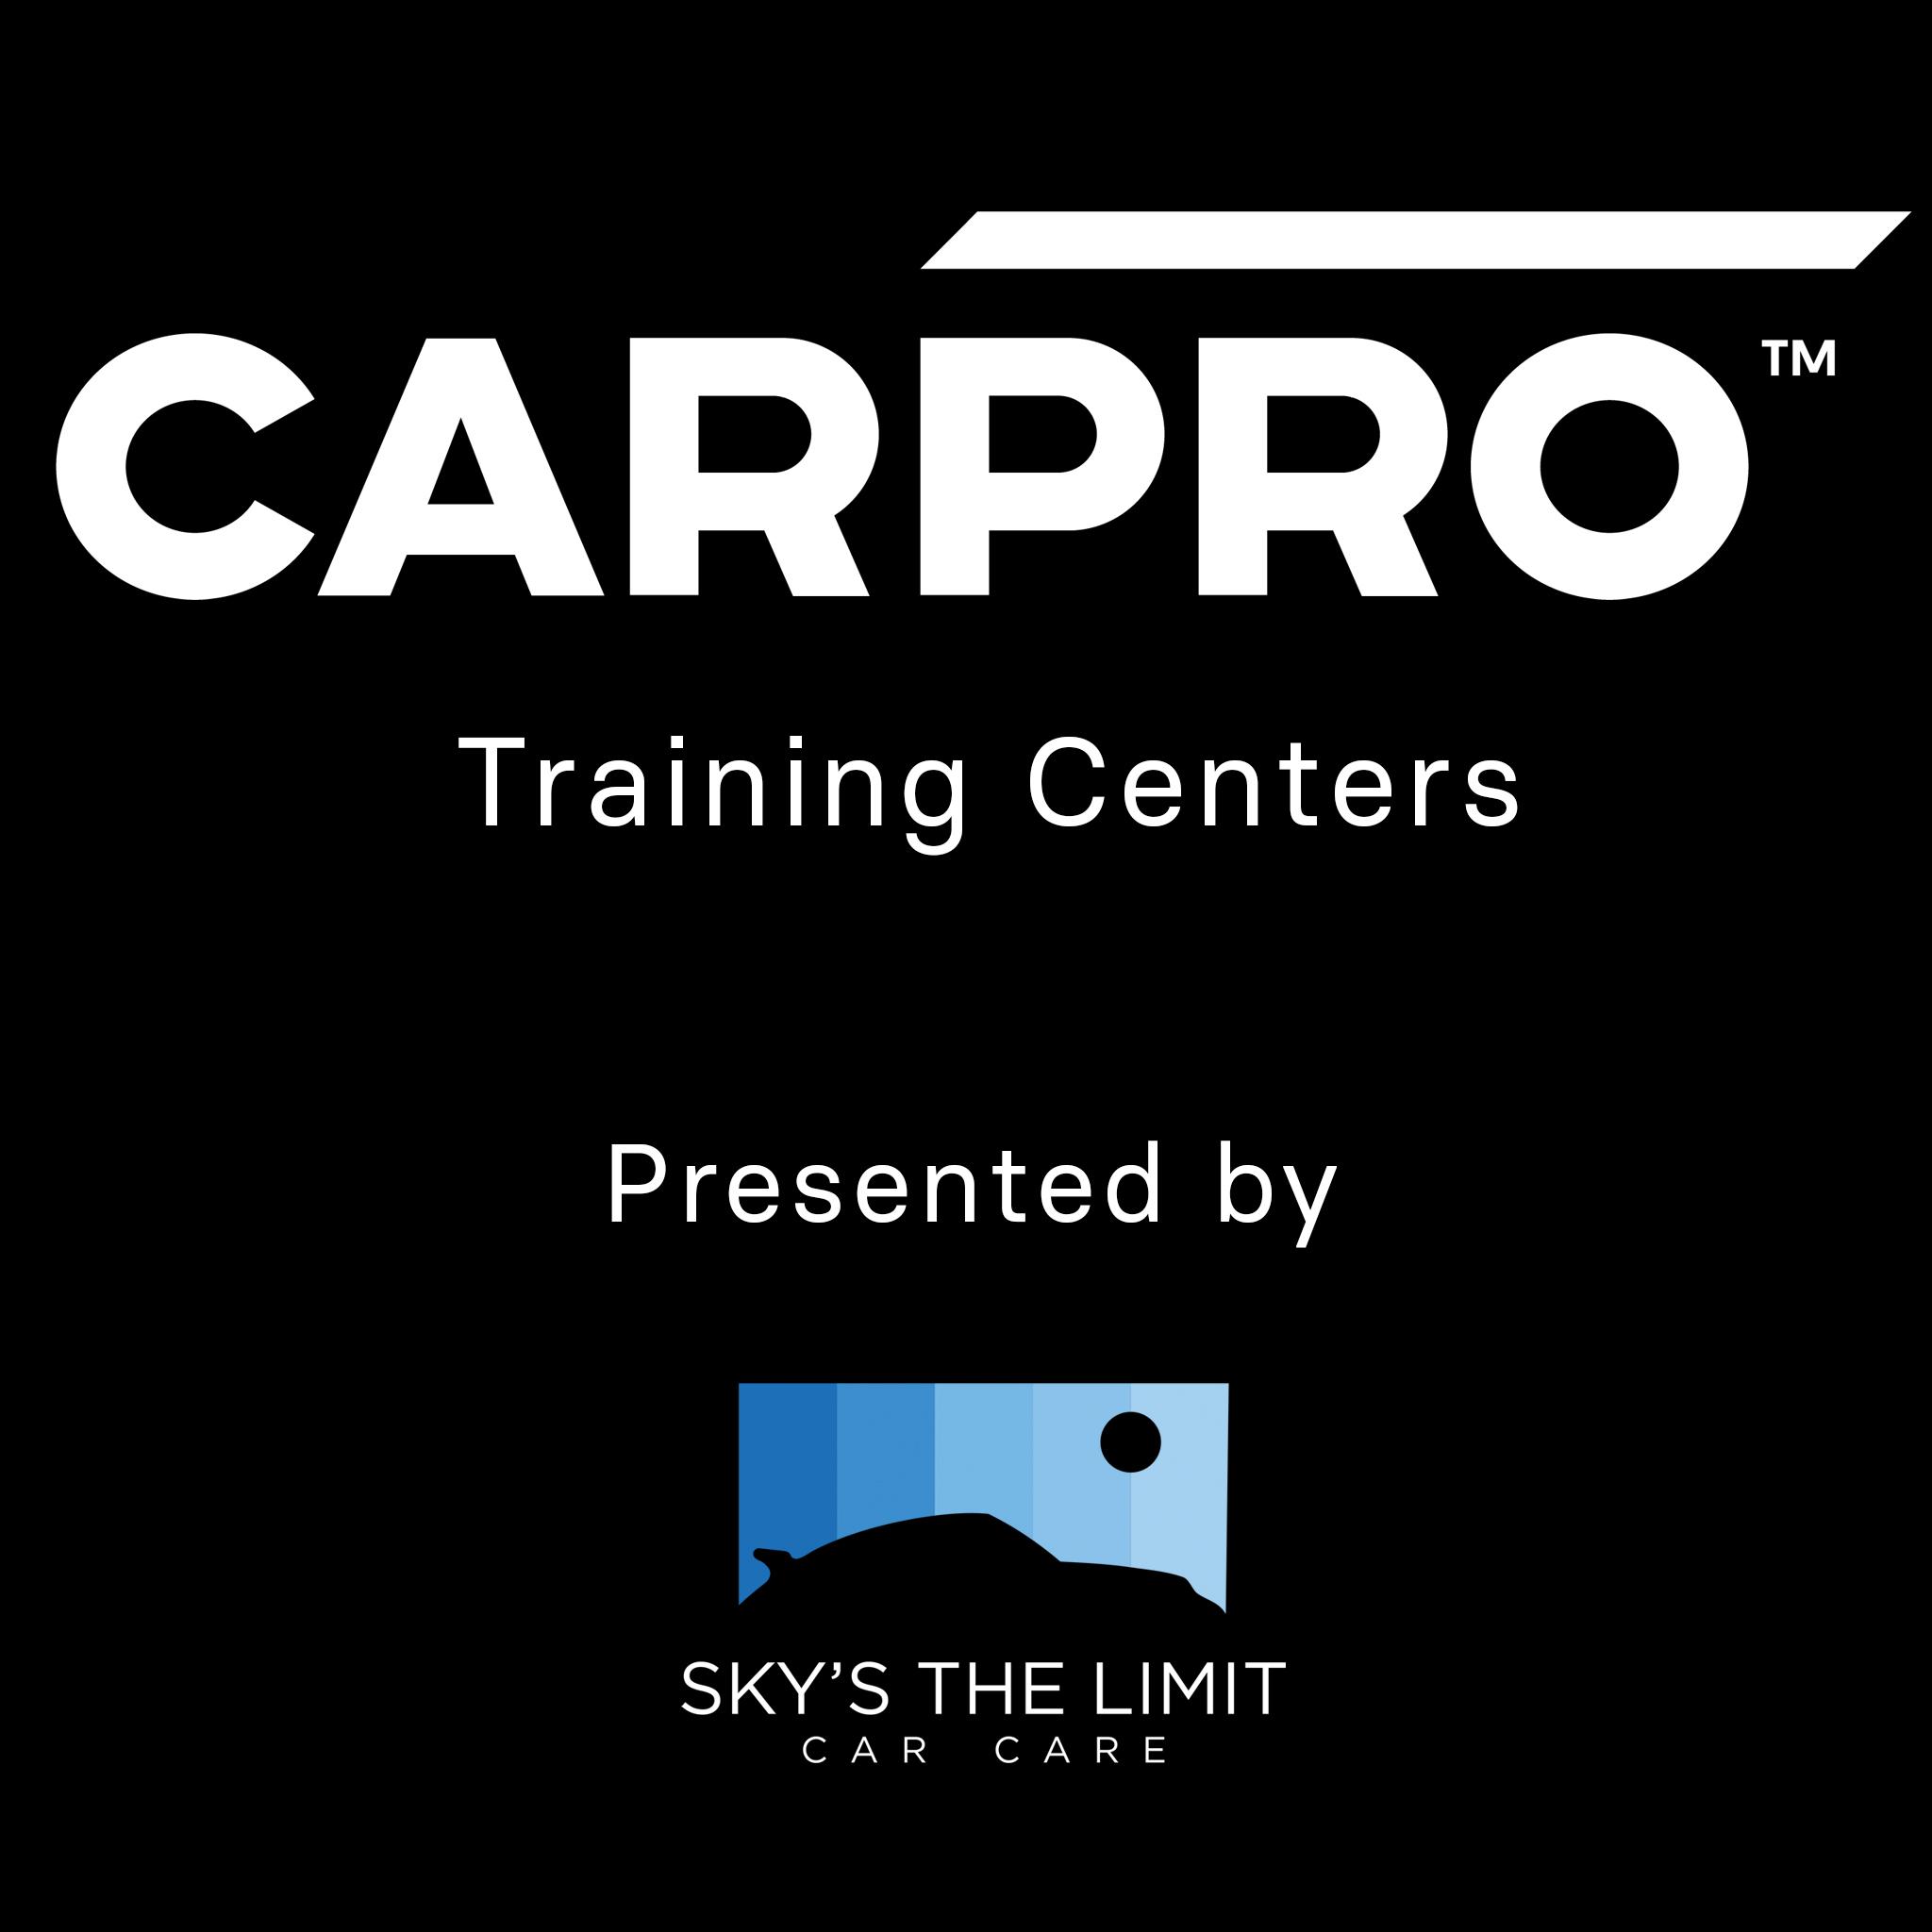 carpro-certified-centers.jpg